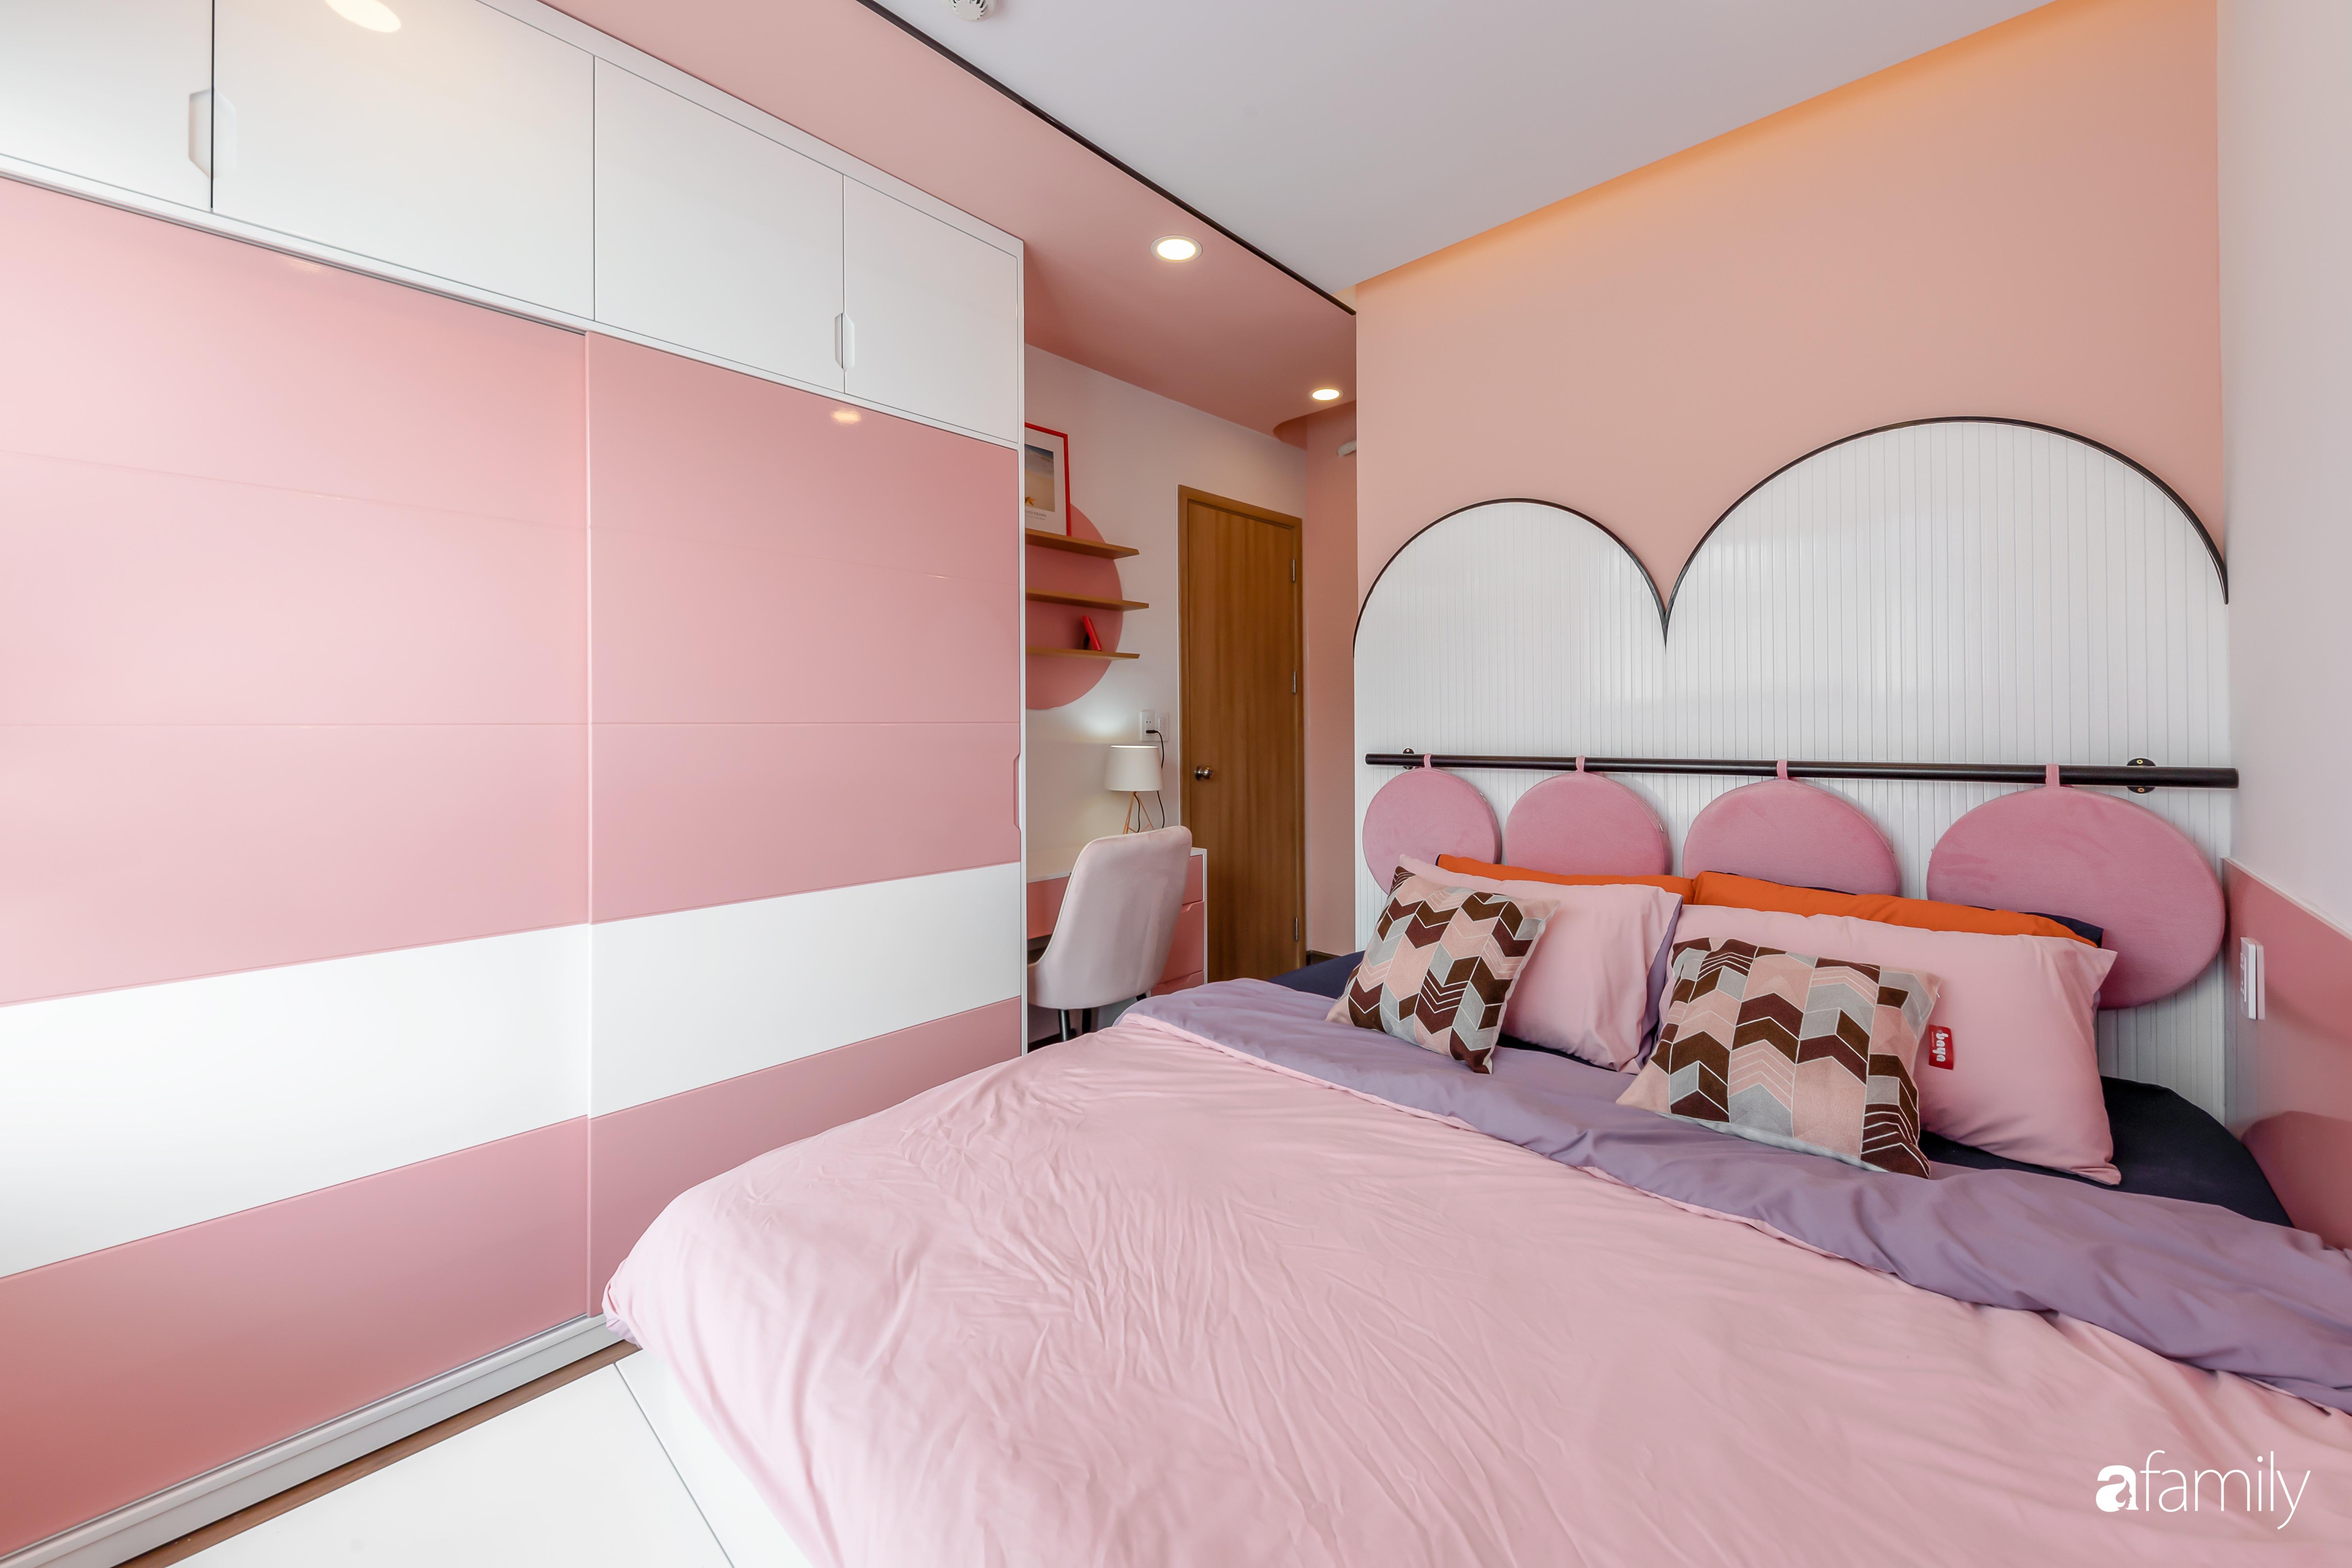 Căn hộ 100m² ngọt ngào khi chọn sắc hồng làm màu chủ đạo có chi phí hoàn thiện 450 triệu đồng ở TP HCM - Ảnh 14.